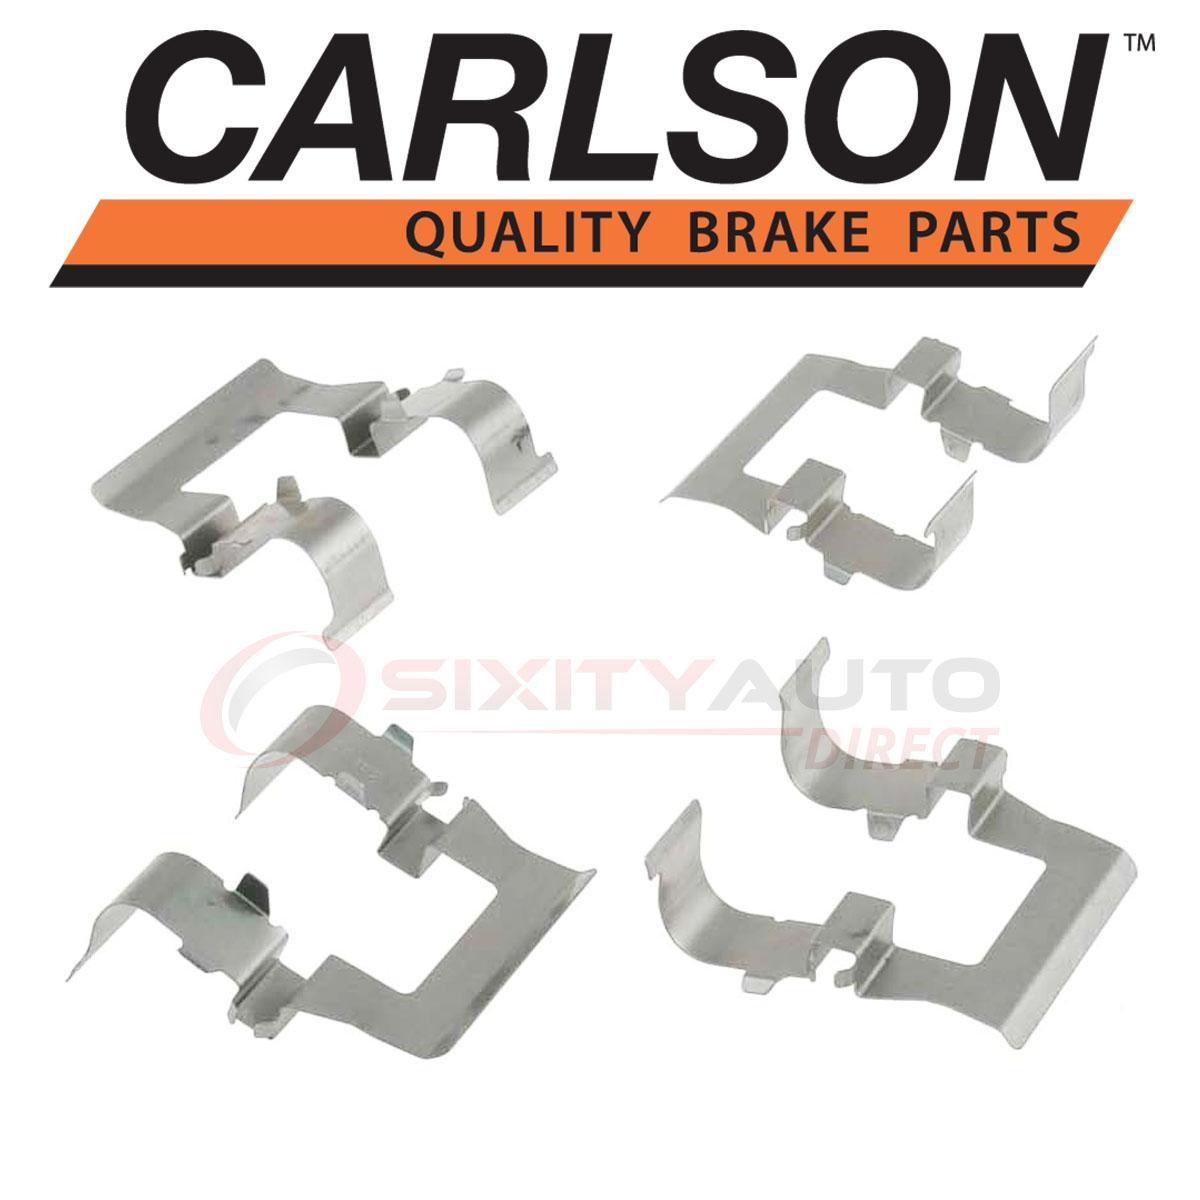 Carlson Quality Brake Parts 13417Q Disc Brake Hardware Kit